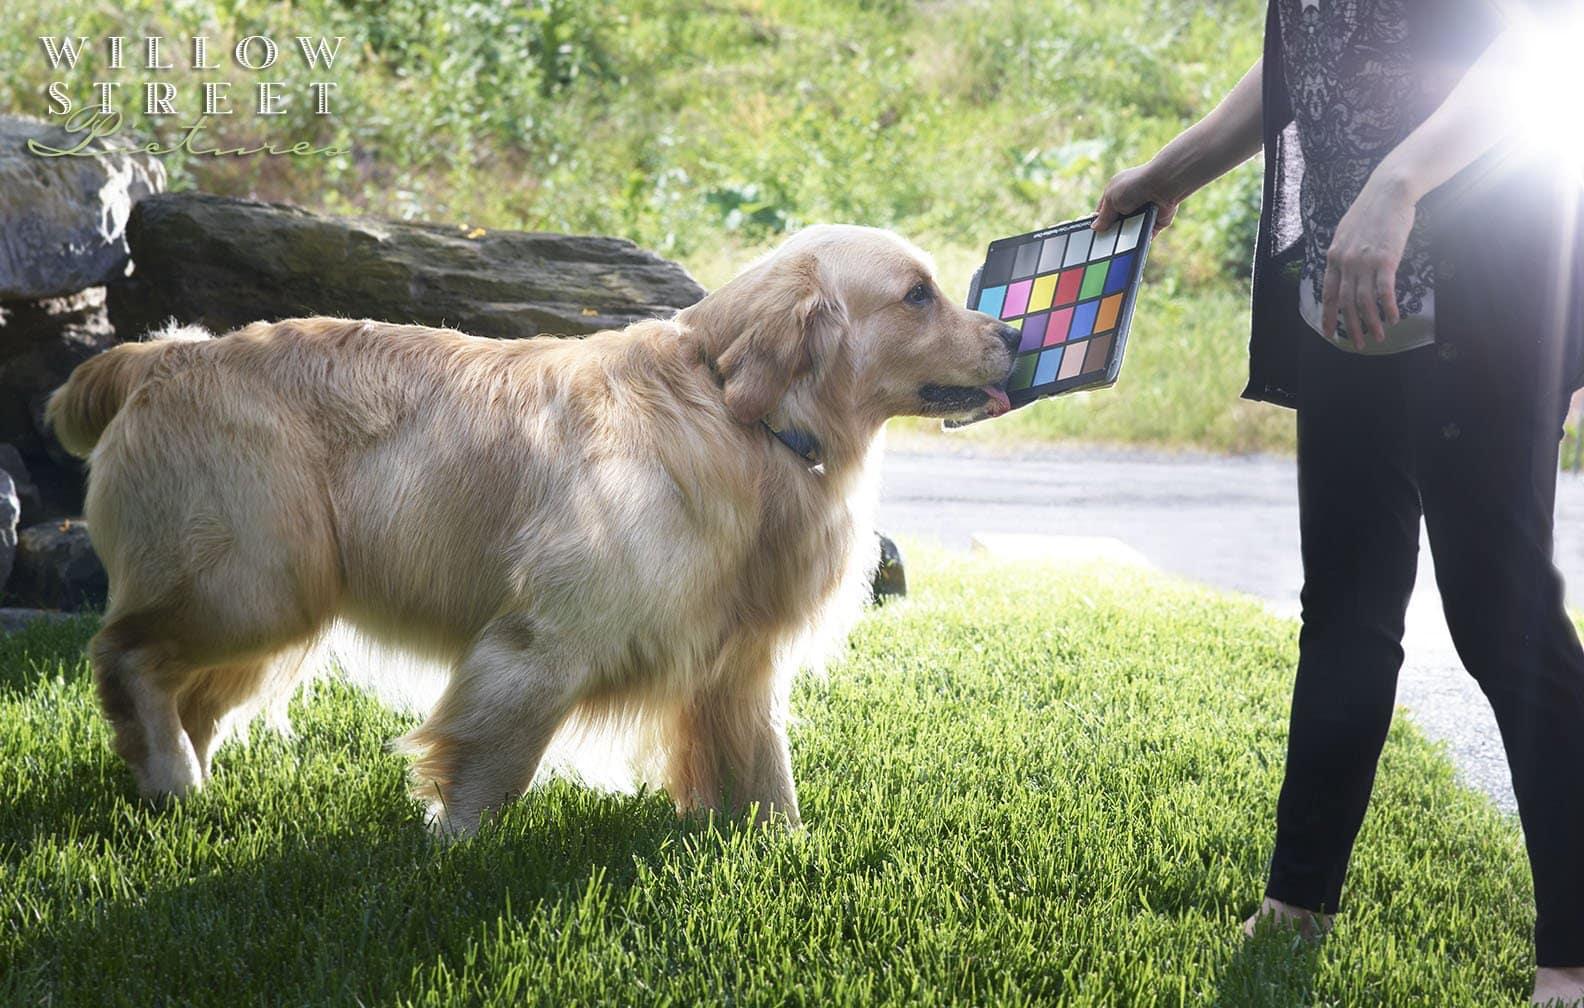 Behind the scenes, Pet portrait, golden retriever, outdoor